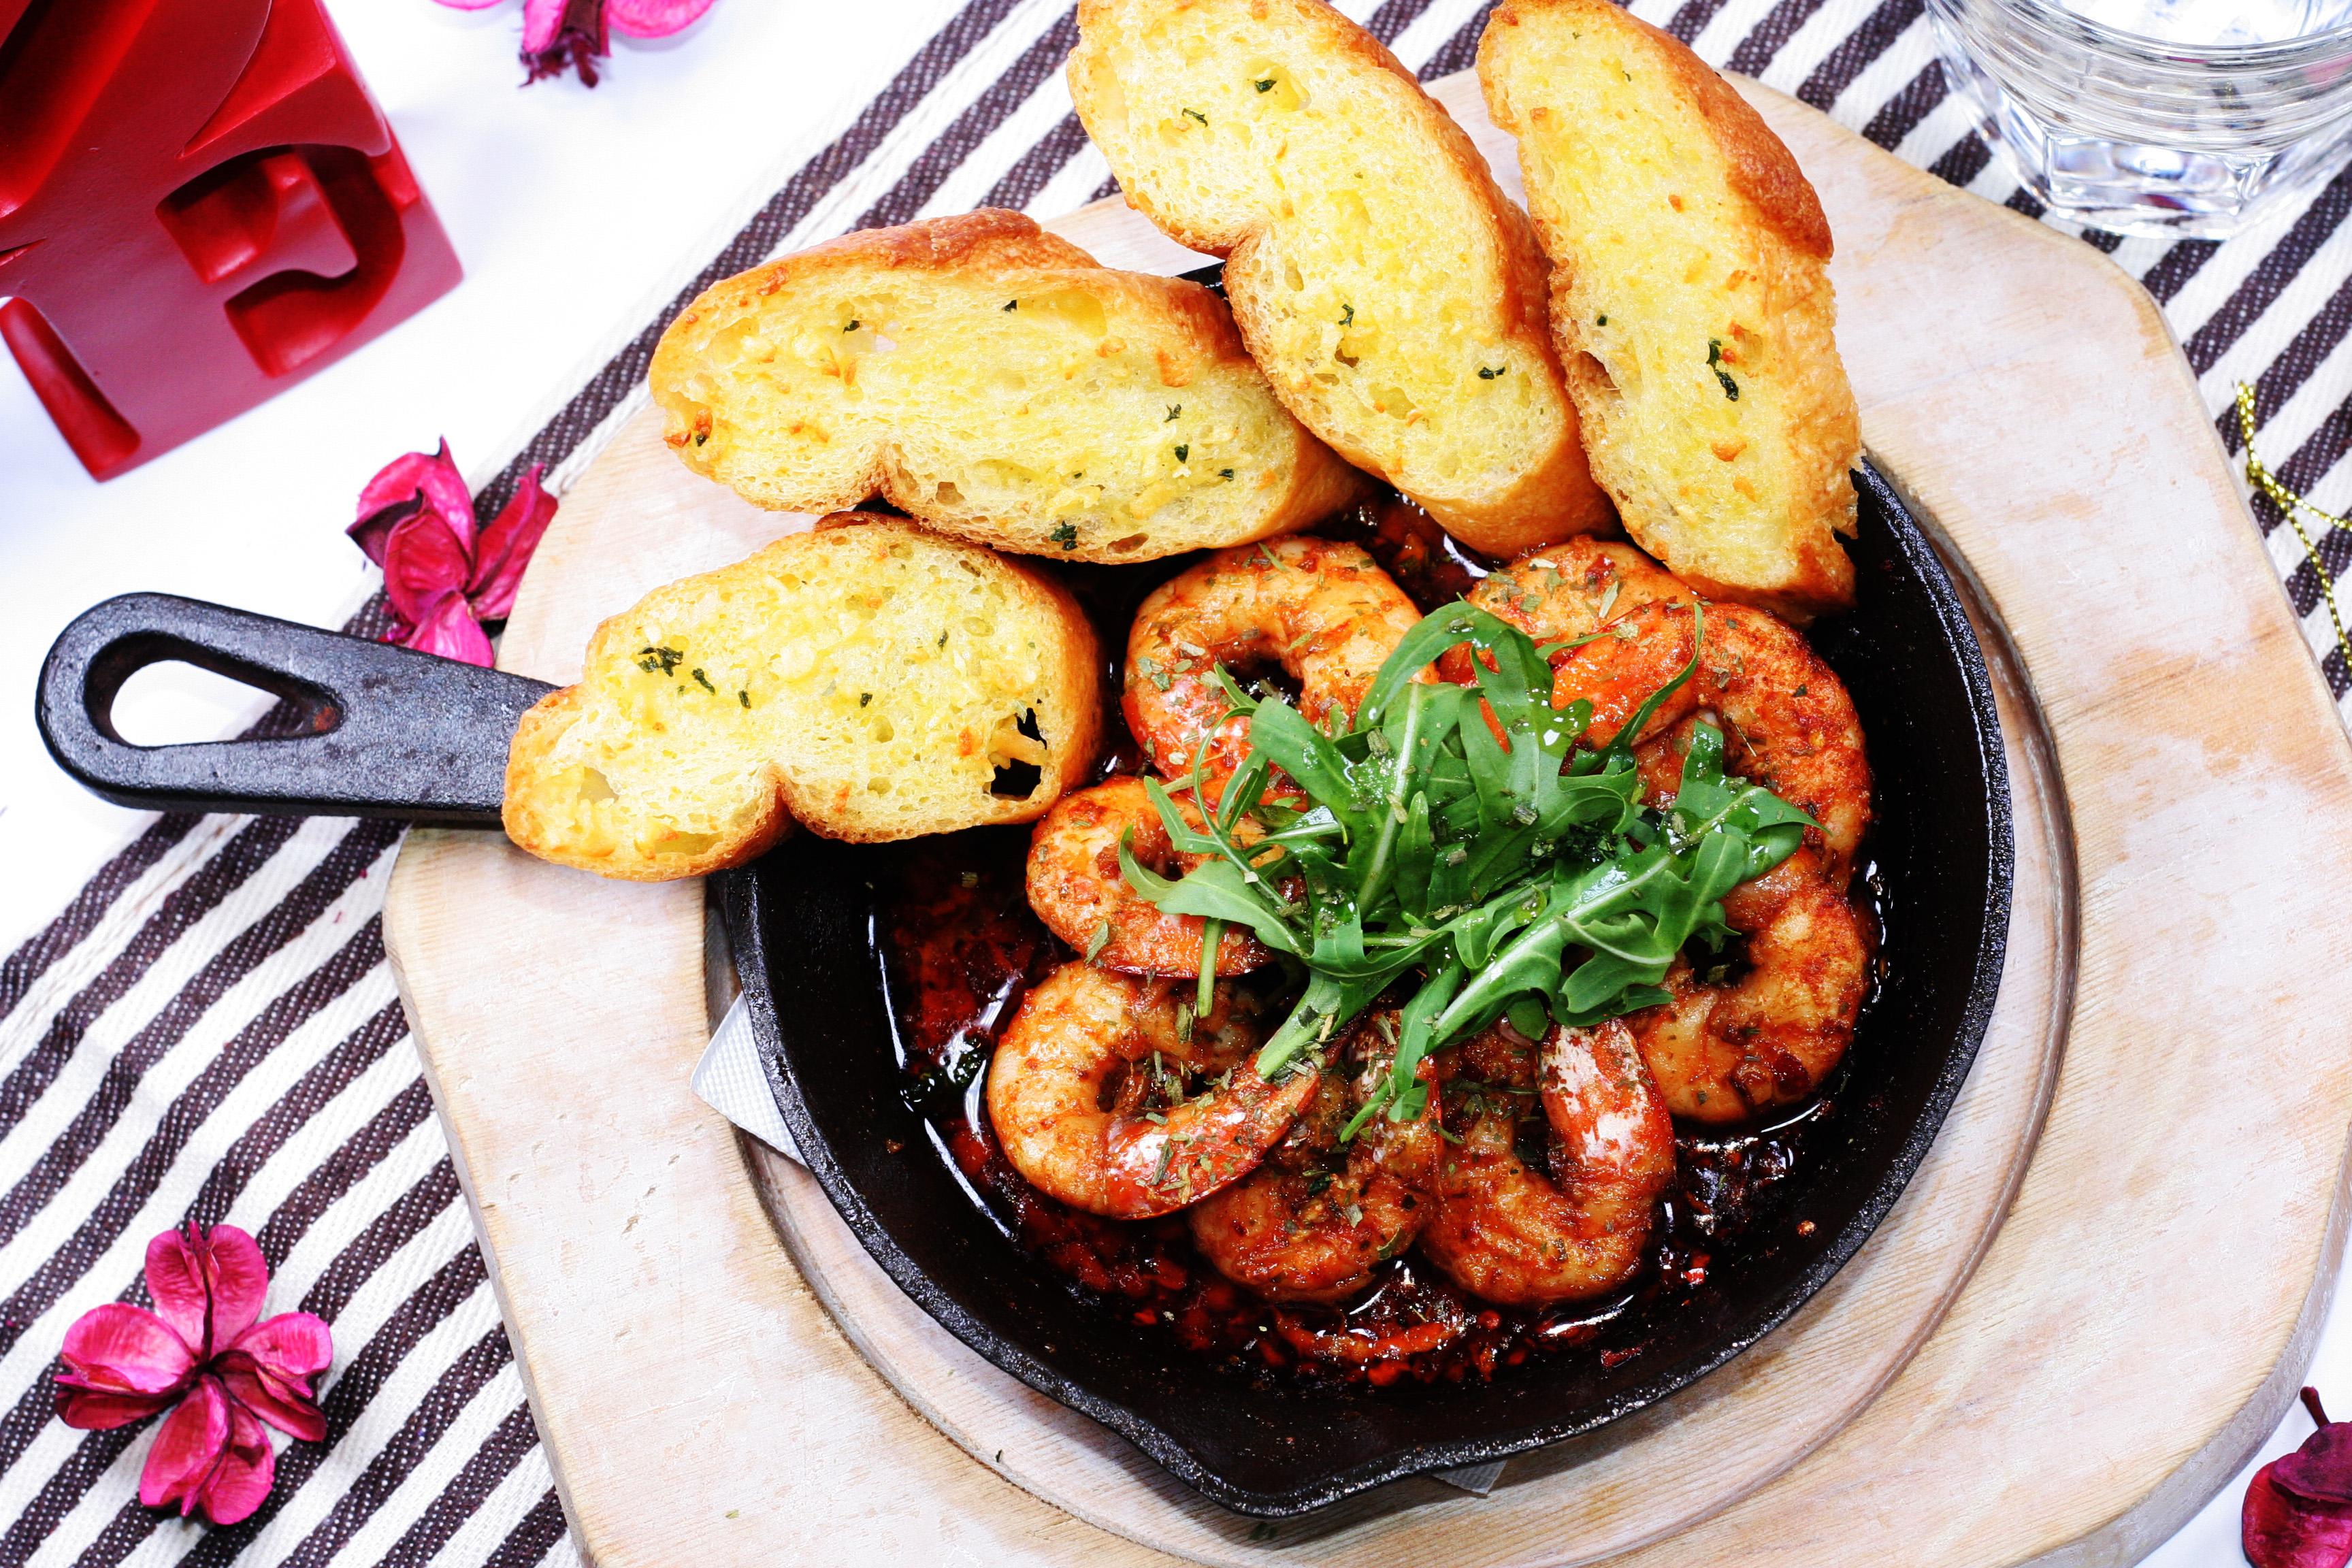 A-西班牙香蒜辣蝦